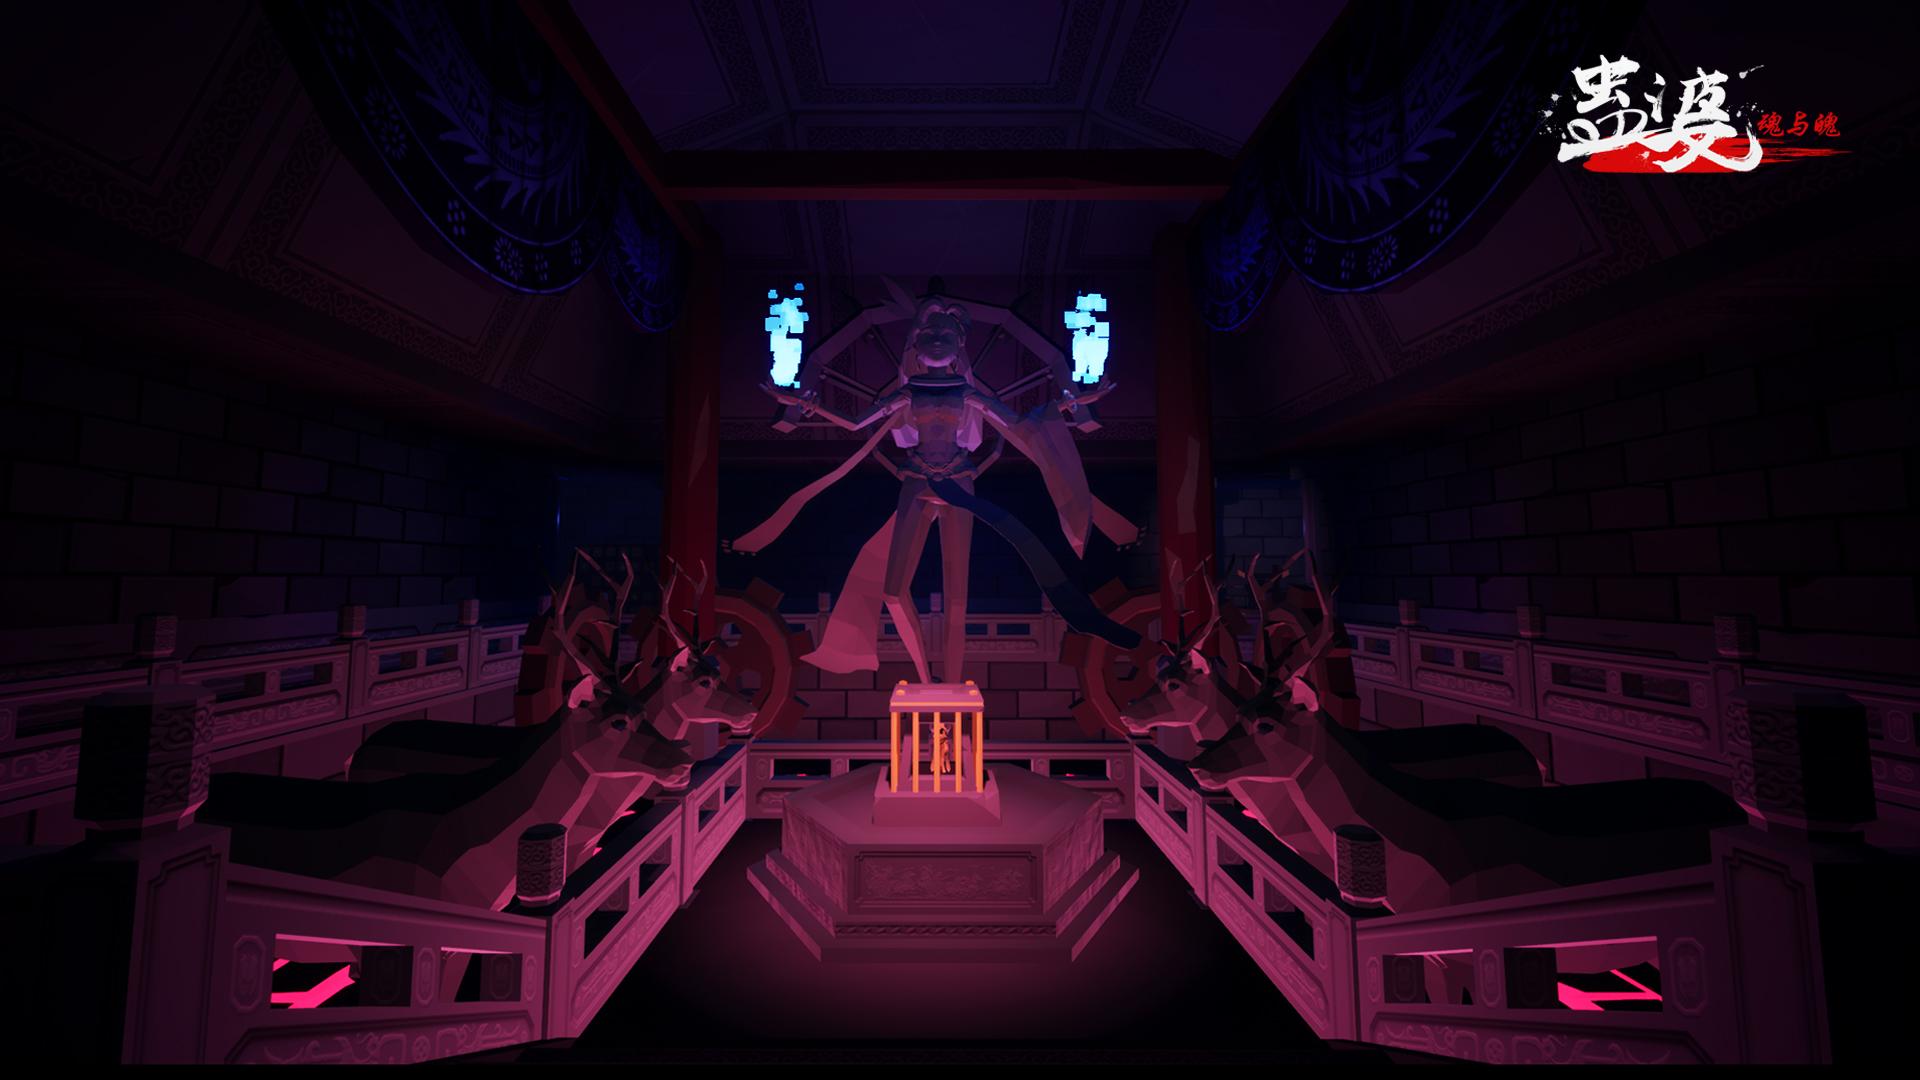 恐怖解密游戏《蛊婆-魂与魄》游戏背景介绍:探索神秘苗疆